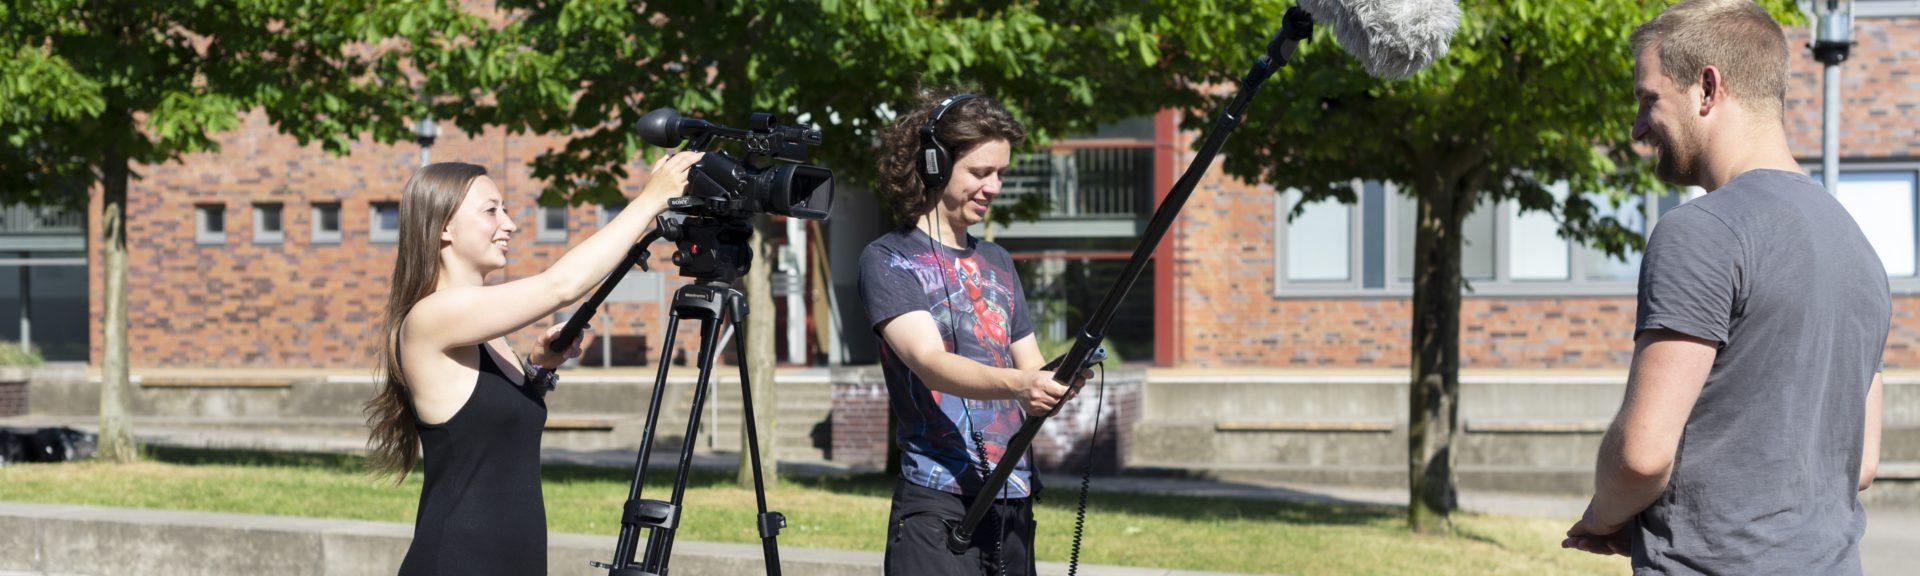 Vor einer kleinen Rasenfläche mit Bäumen steht ein Kamerateam: Es besteht aus einer jungen Frau, die eine Kamera auf einem Stativ bedient, und einem jungen Mann, der einen Kopfhörer trägt und eine Tonangel hält. Vor dem Kamerateam steht ein zweiter Mann im grauen T-Shirt. Er wird gerade interviewt.